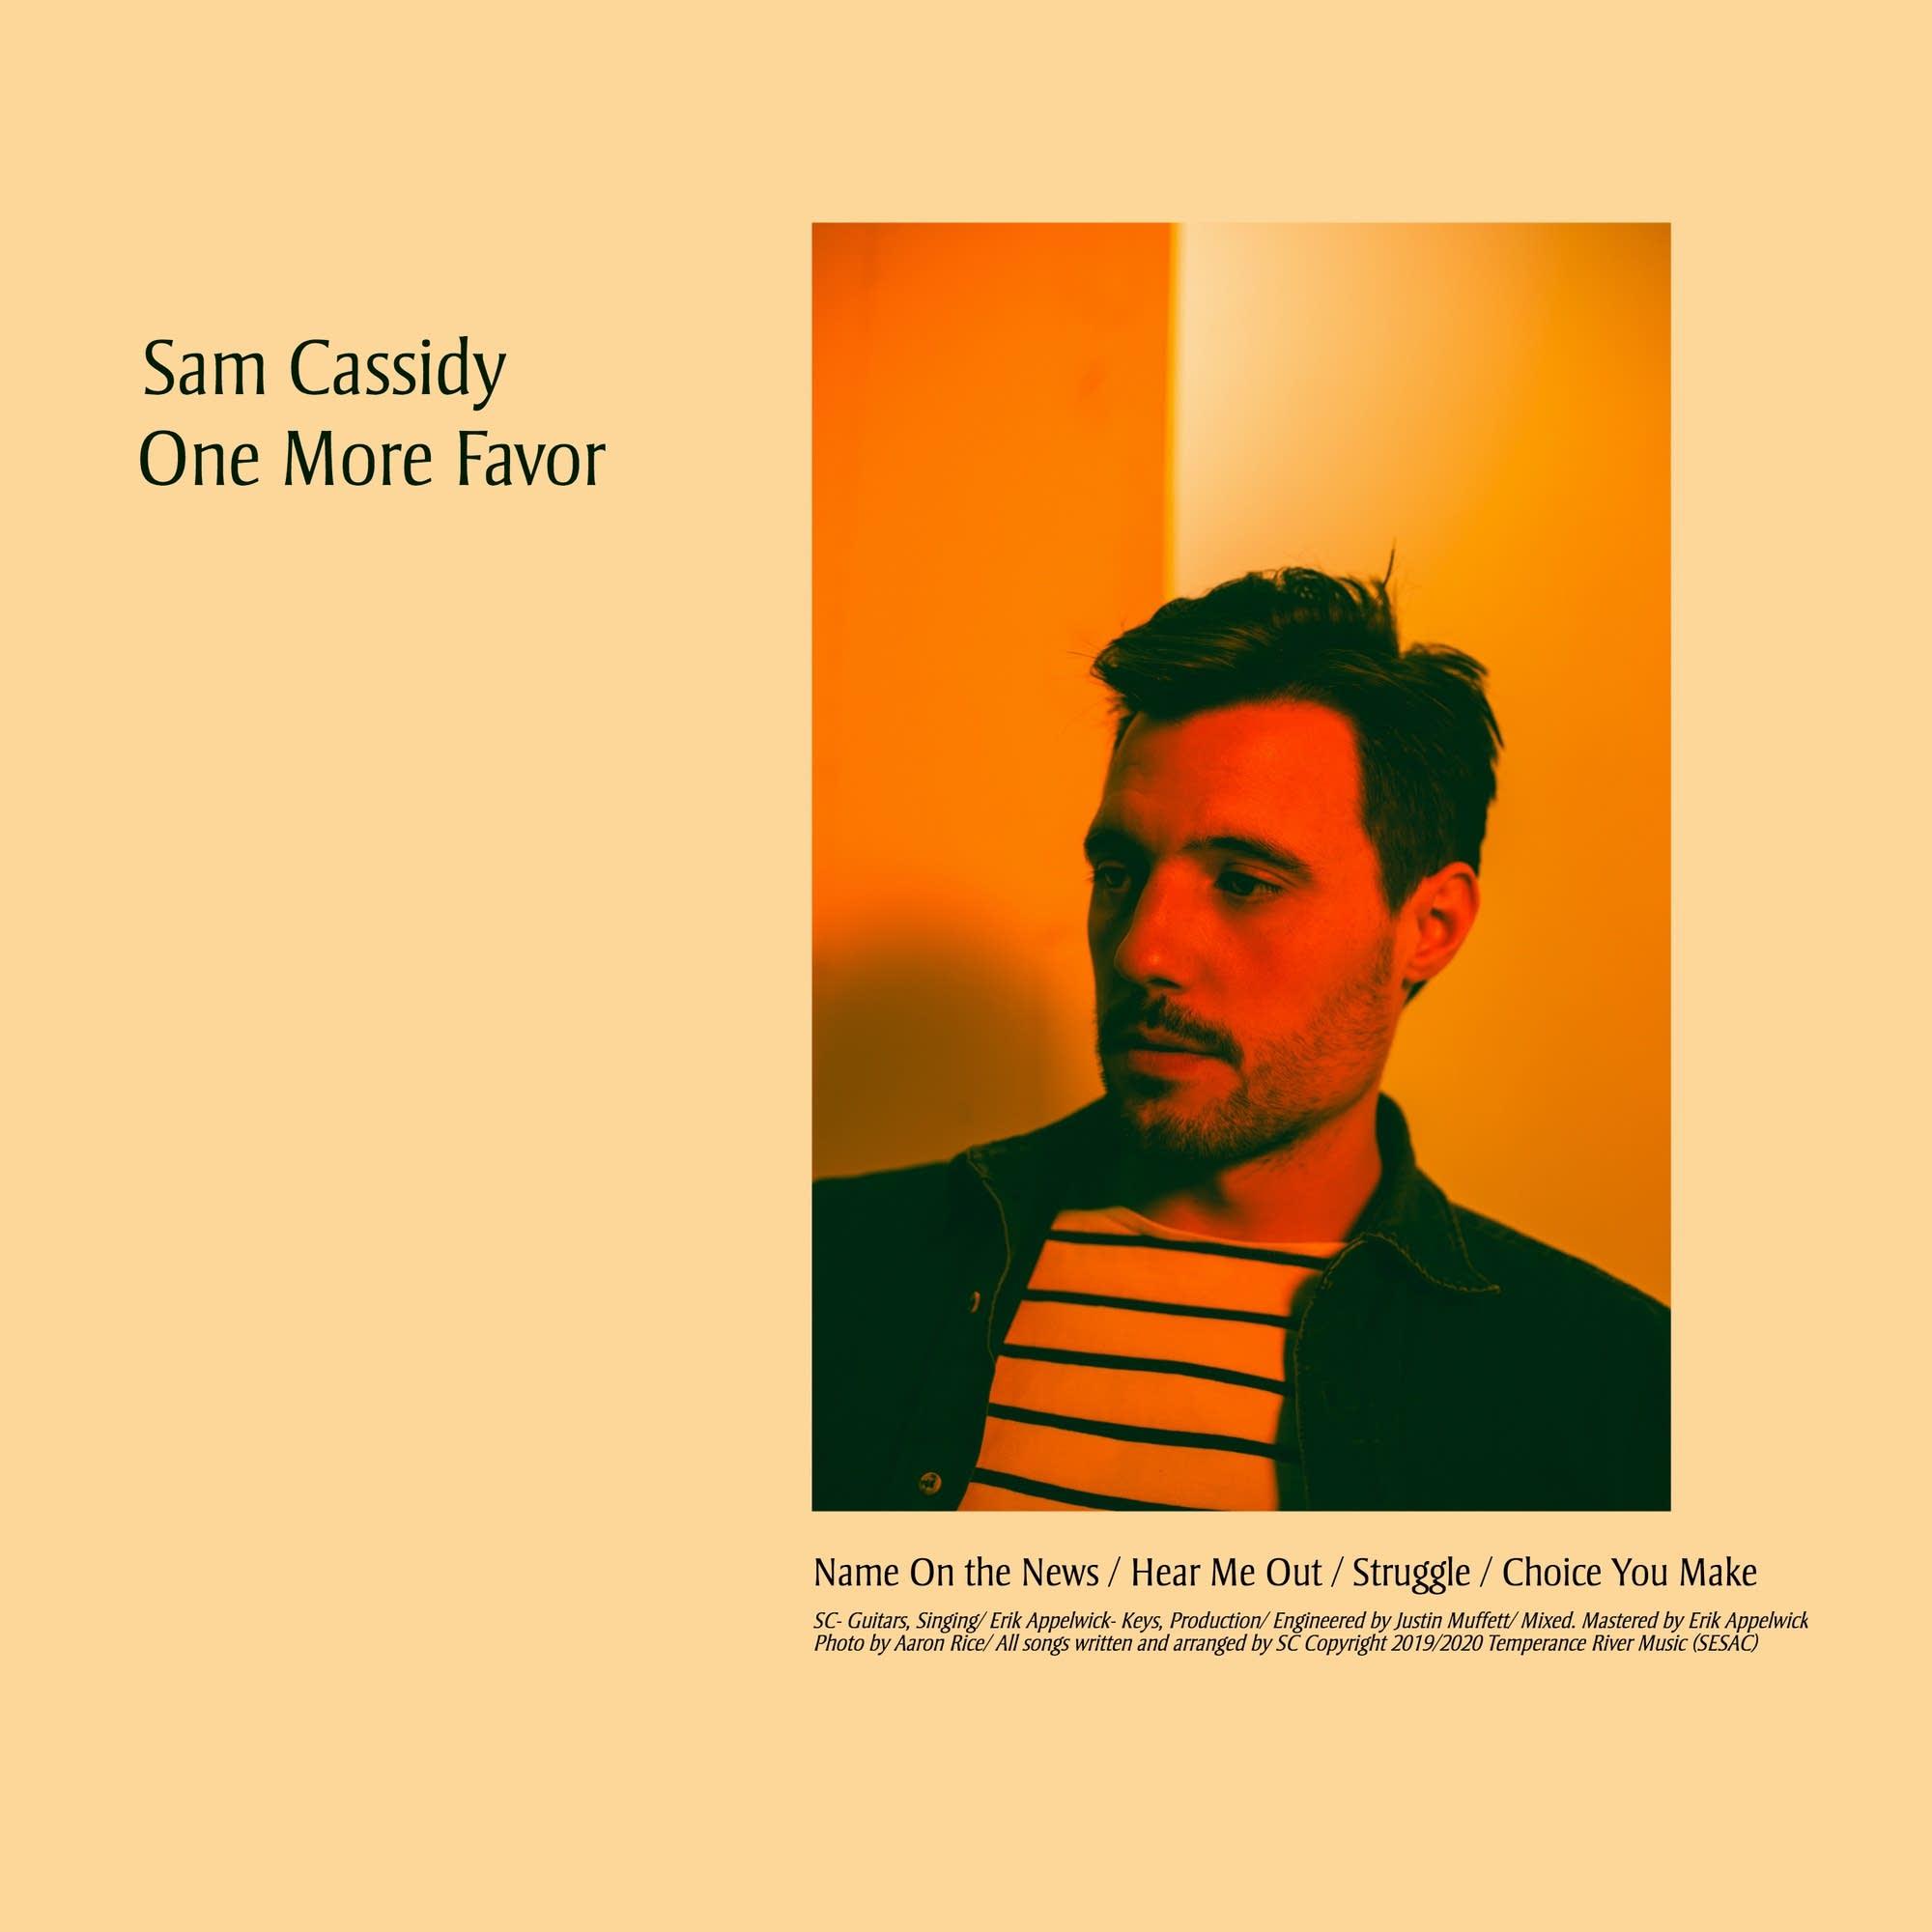 Sam Cassidy